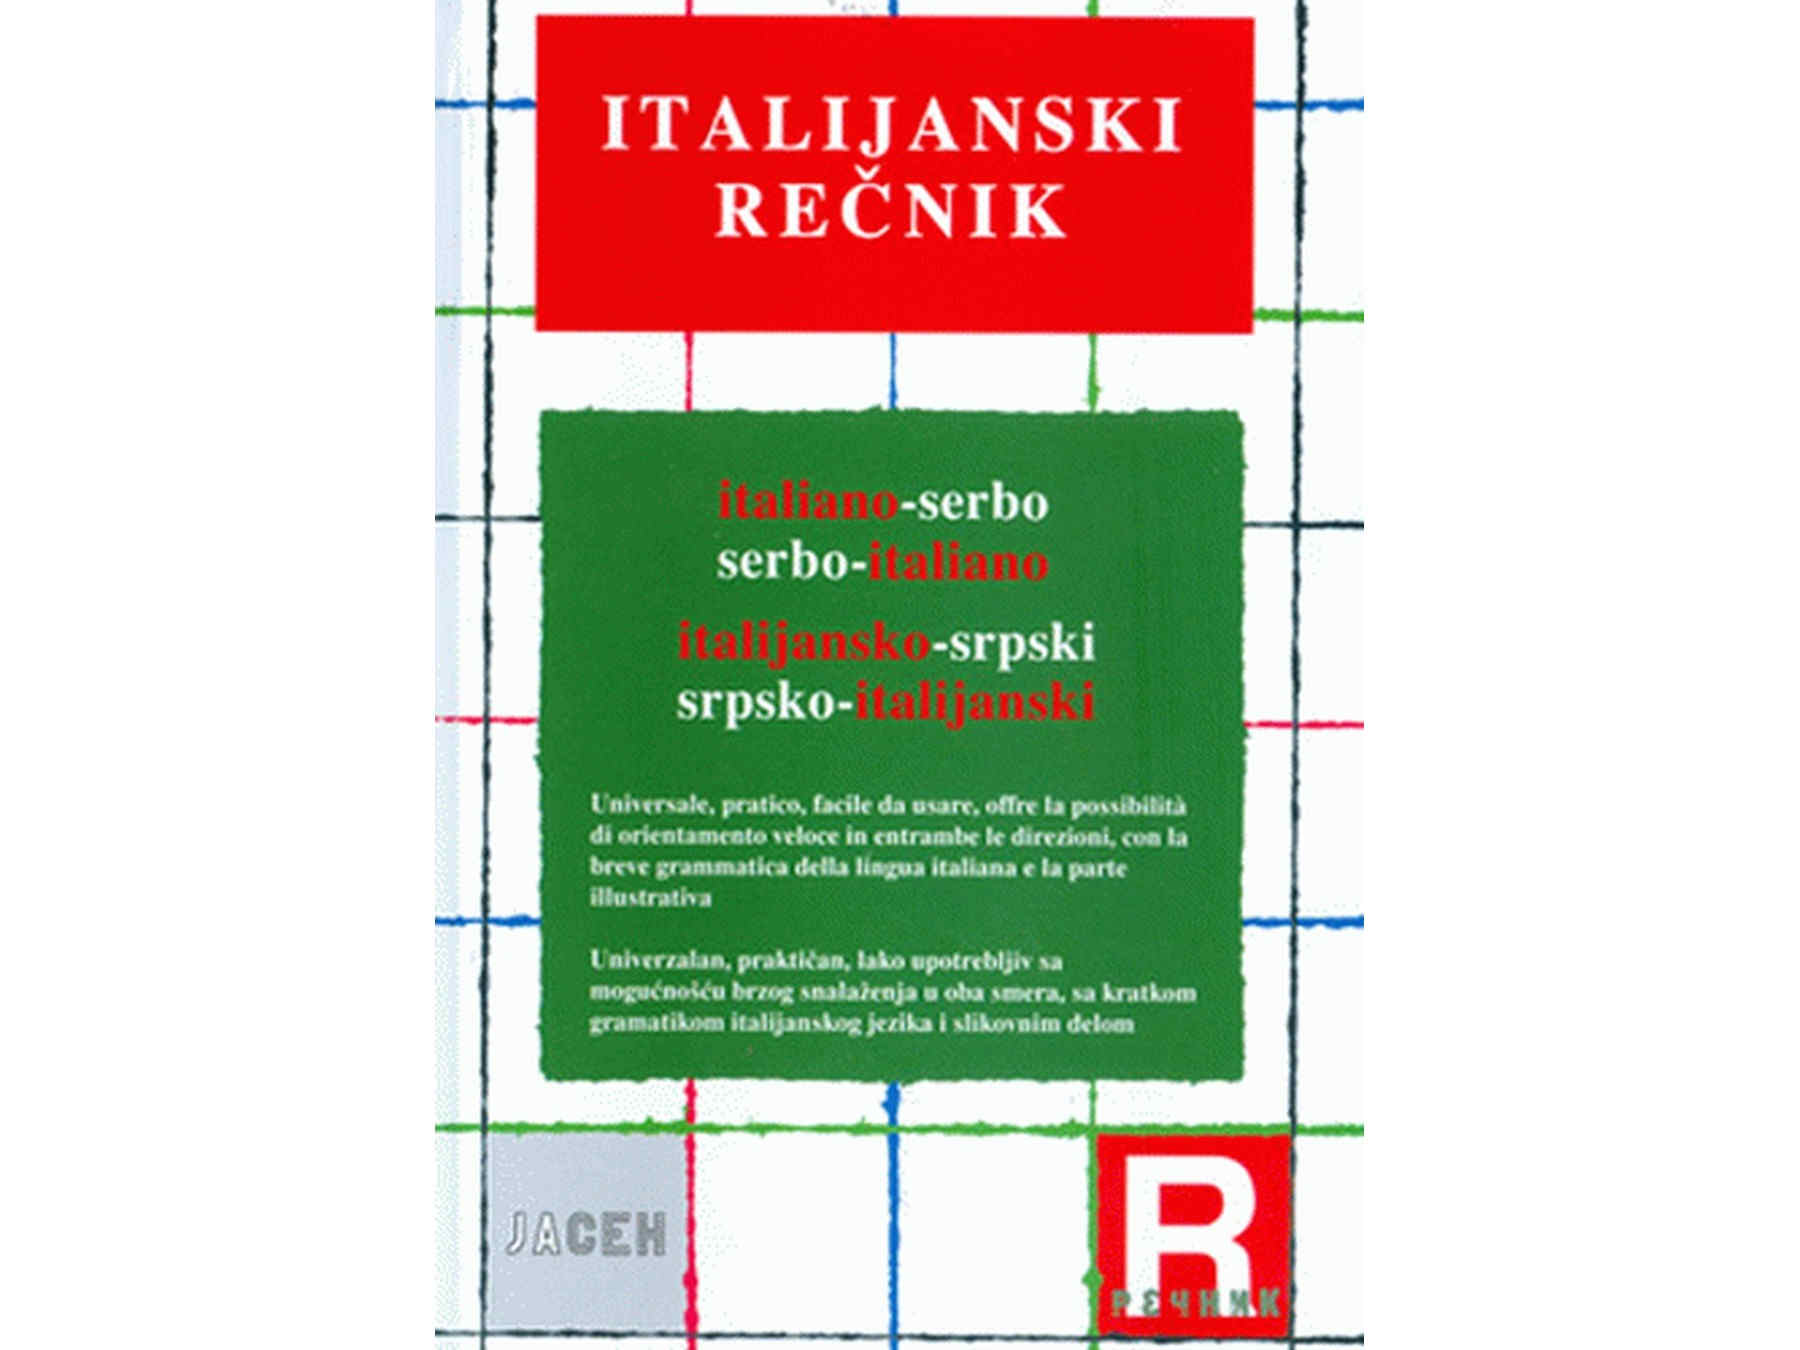 Recnik Italijansko Srpski Srpsko Italijanski Credebunthercf